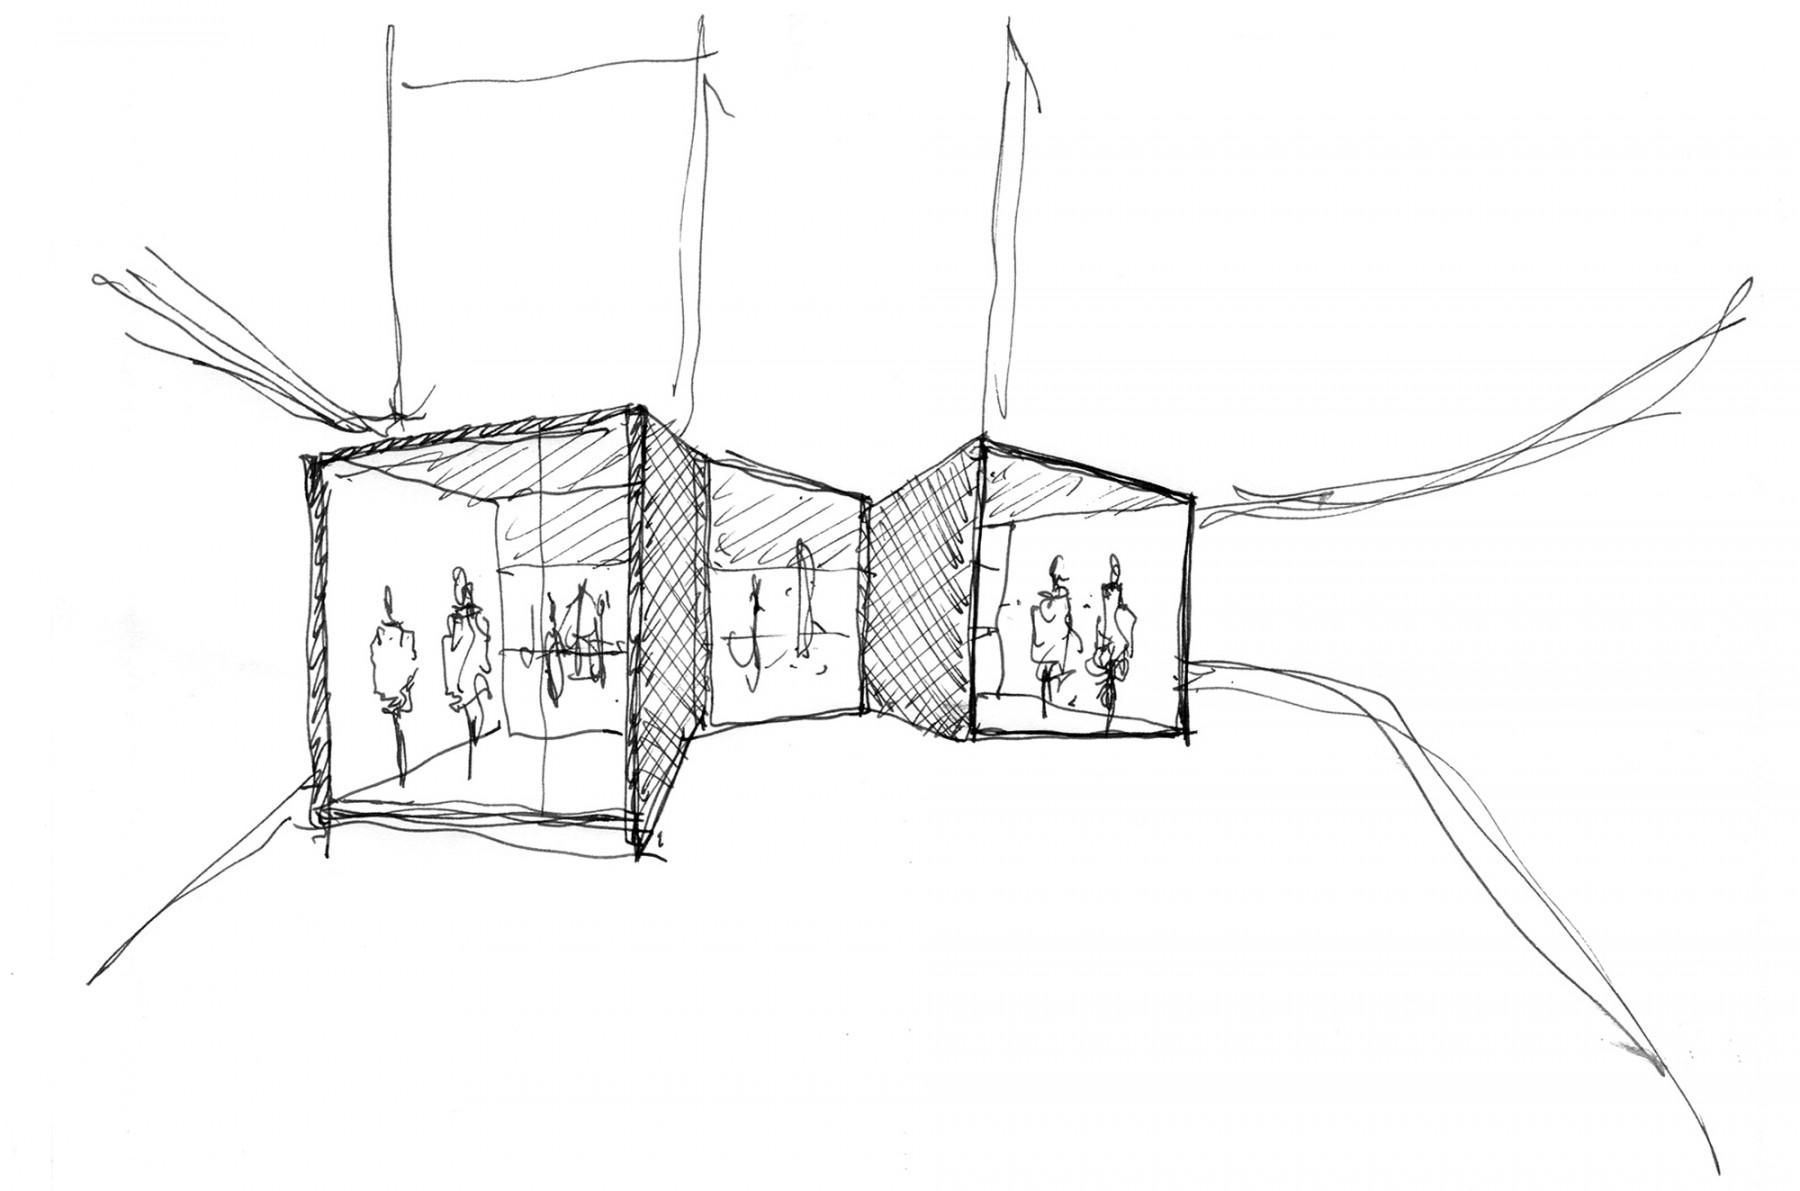 BHV-Galeries-Lafayette-Paris-retail-France-Hôtel-de-Ville-Department-store-shopping-Jamie-Fobert-Architects-sketch